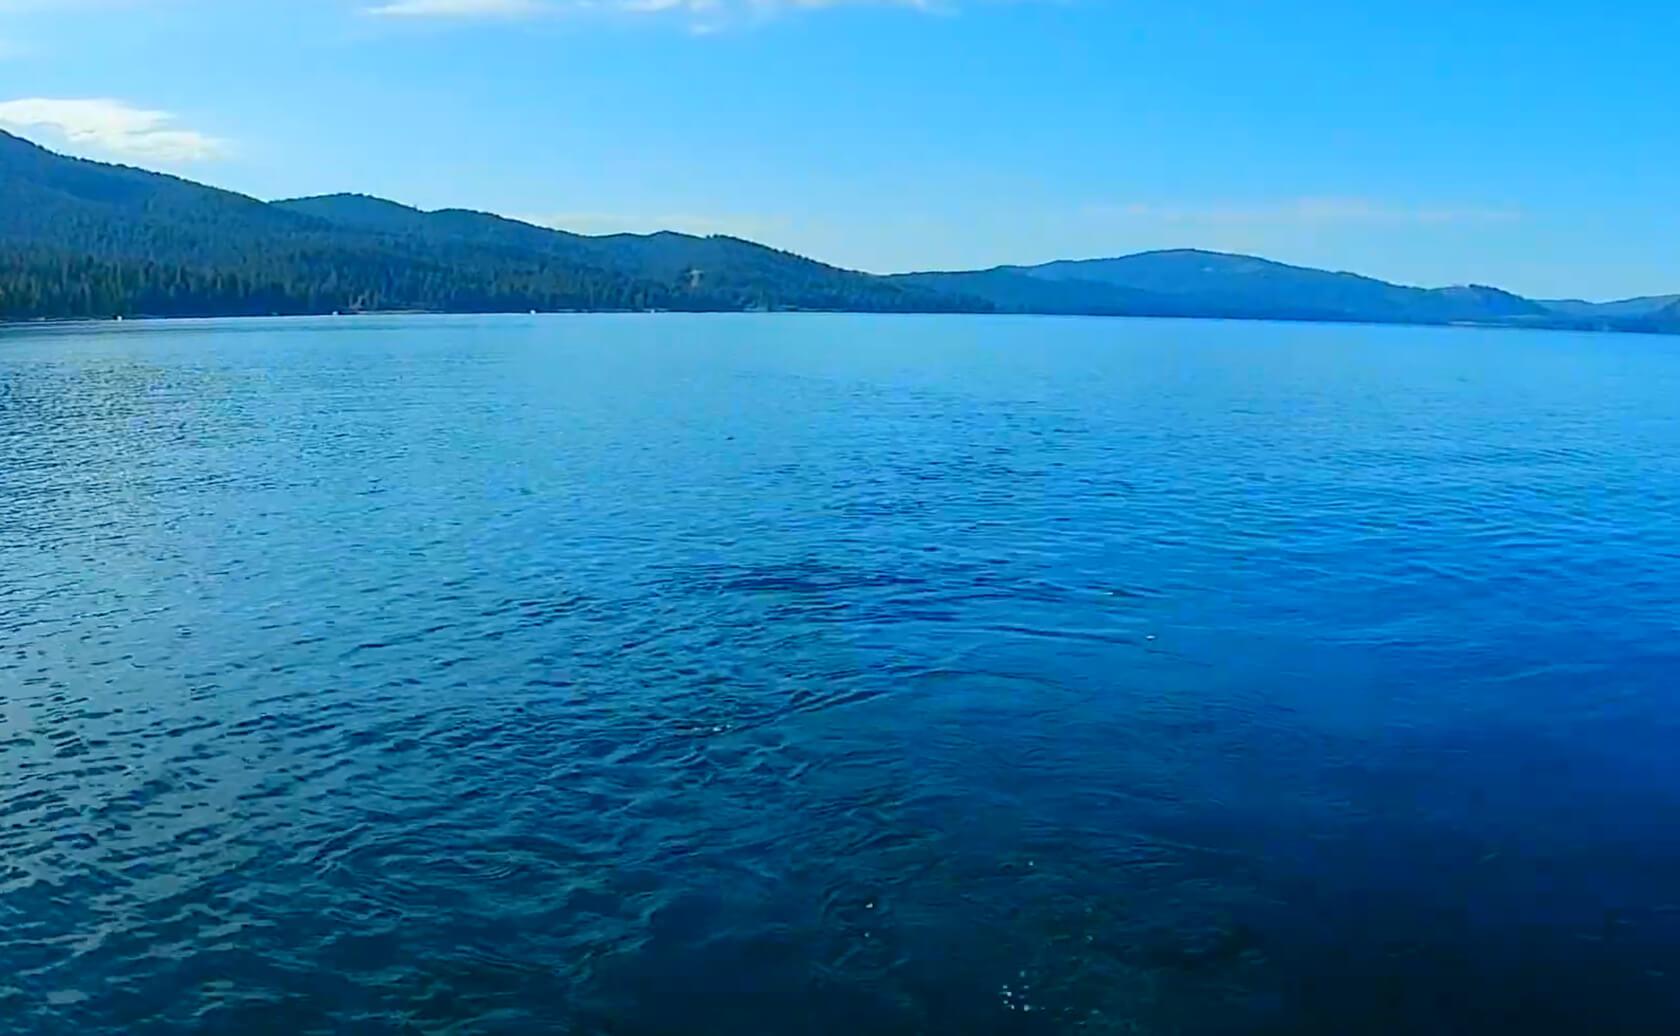 Almanor-Lake-Fishing-Guide-Report-California-05